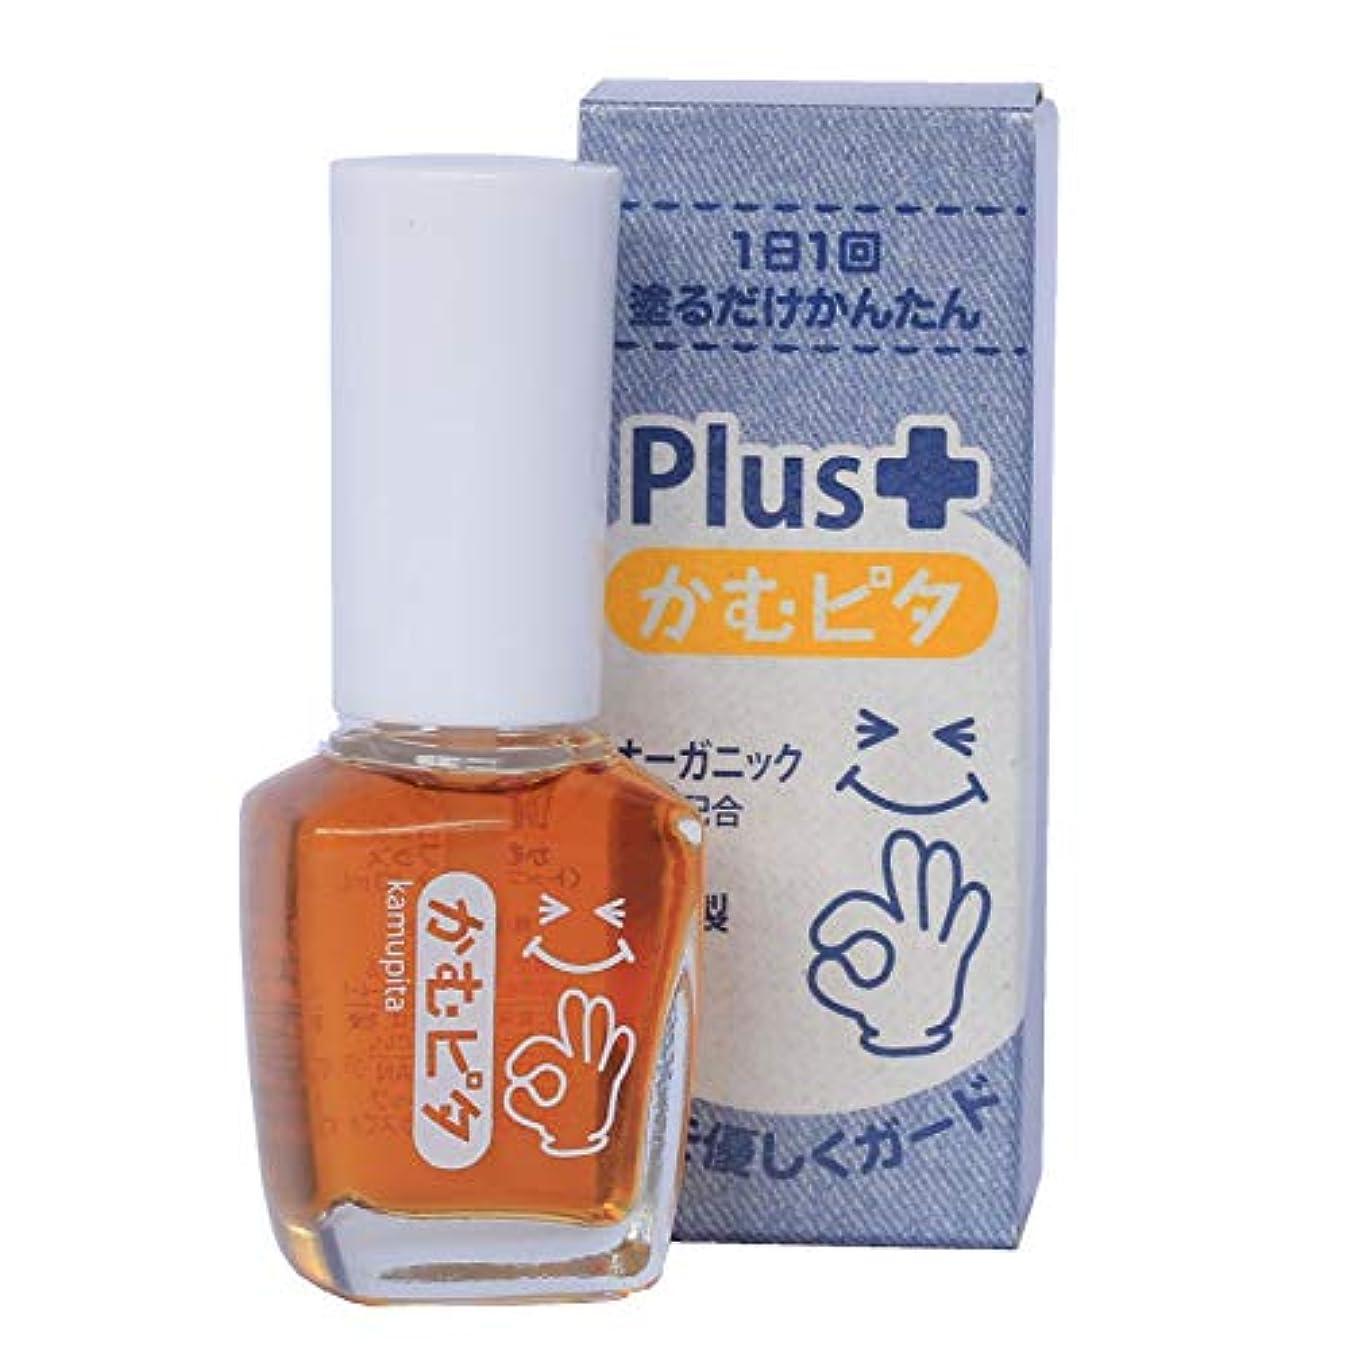 スポーツをするチェス聖職者子供の爪噛み?指しゃぶり防止に苦い日本製マニキュア かむピタ プラス  オーガニック成分配合?10ml